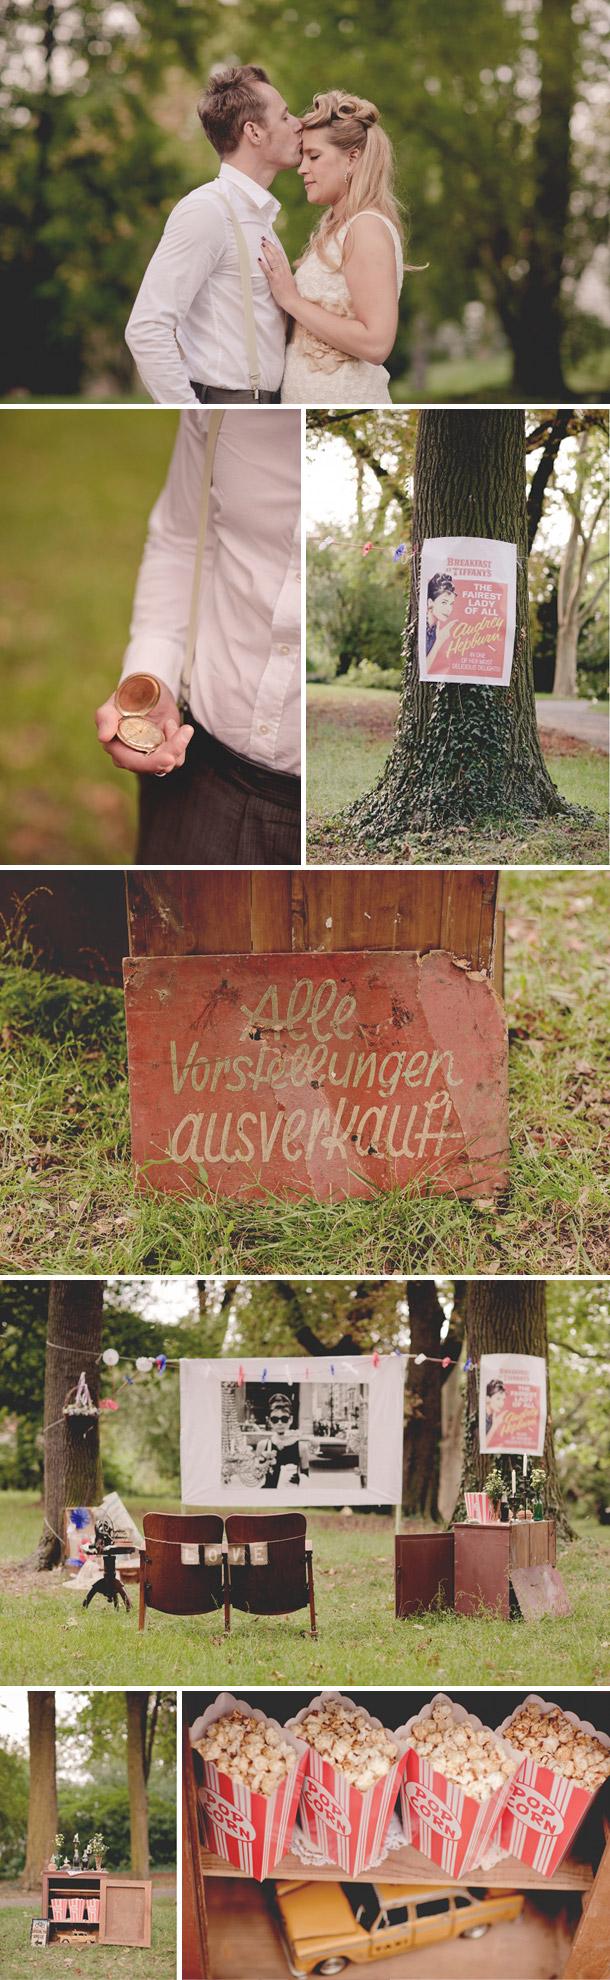 Love-Shot Gewinnspiel - Fotoshoot NY meets Iserlohn bei Lene Photography und Hochzeitswahn